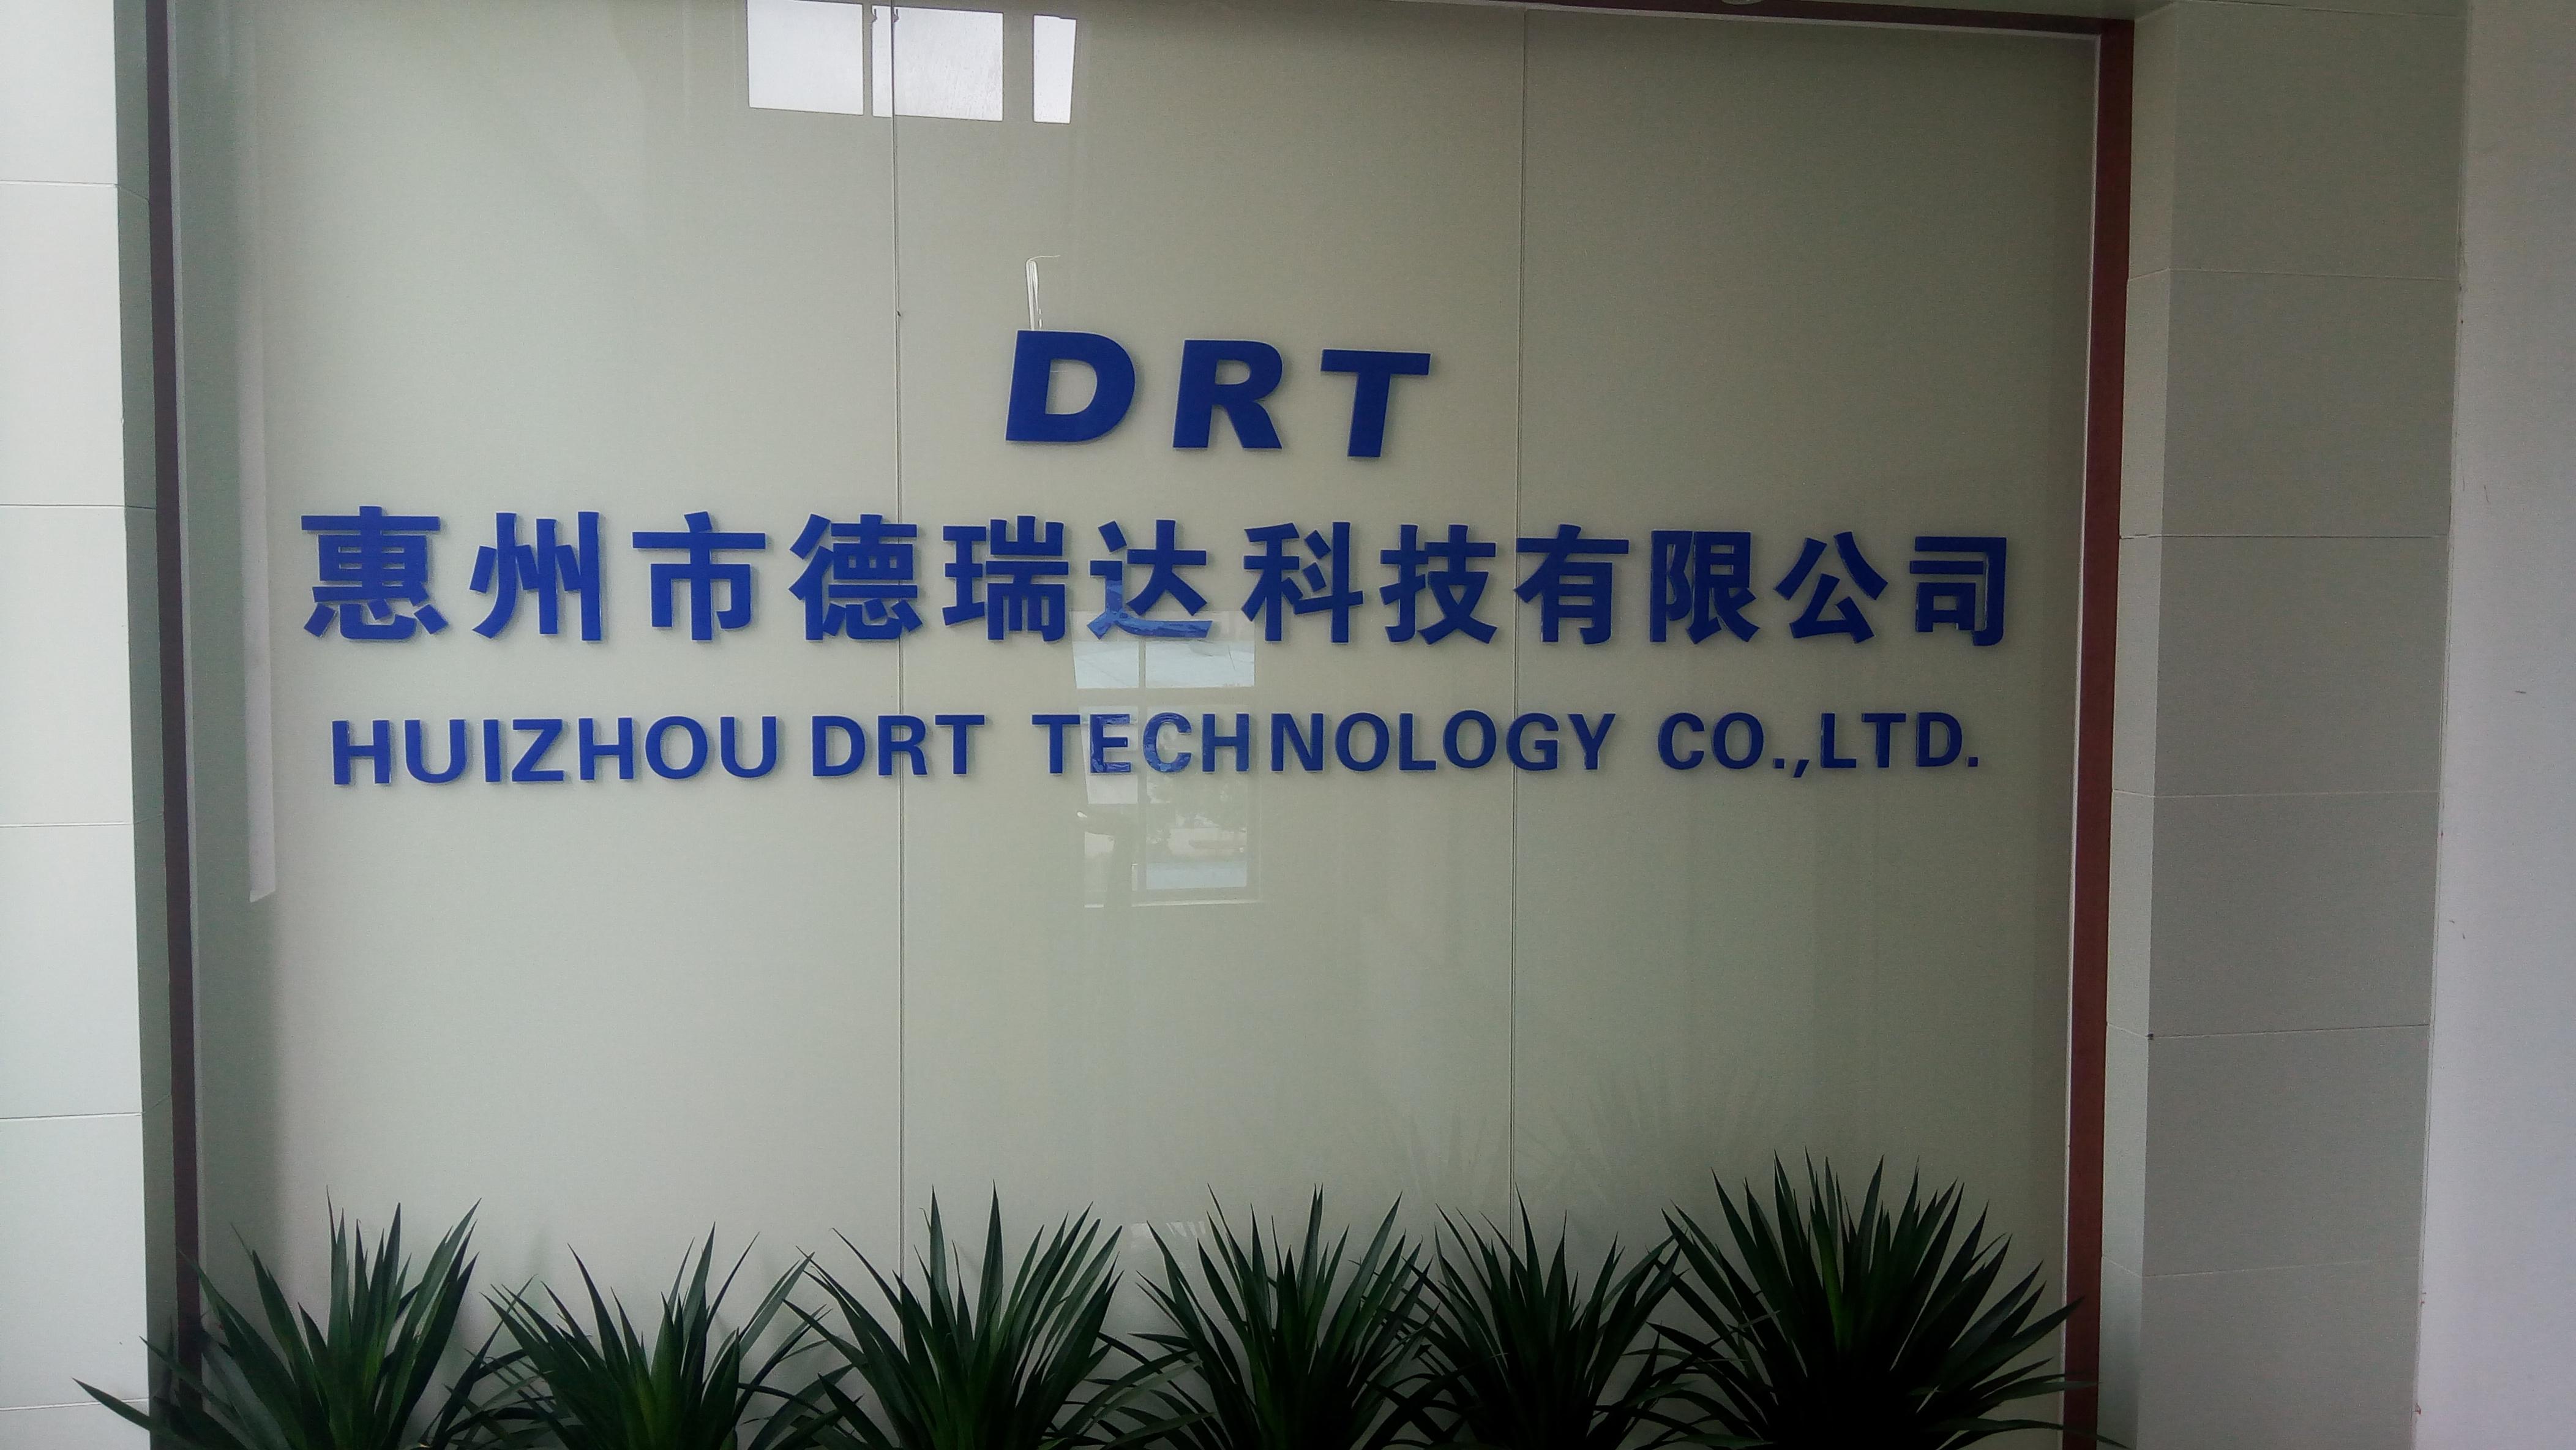 惠州市德瑞达科技股份有限公司